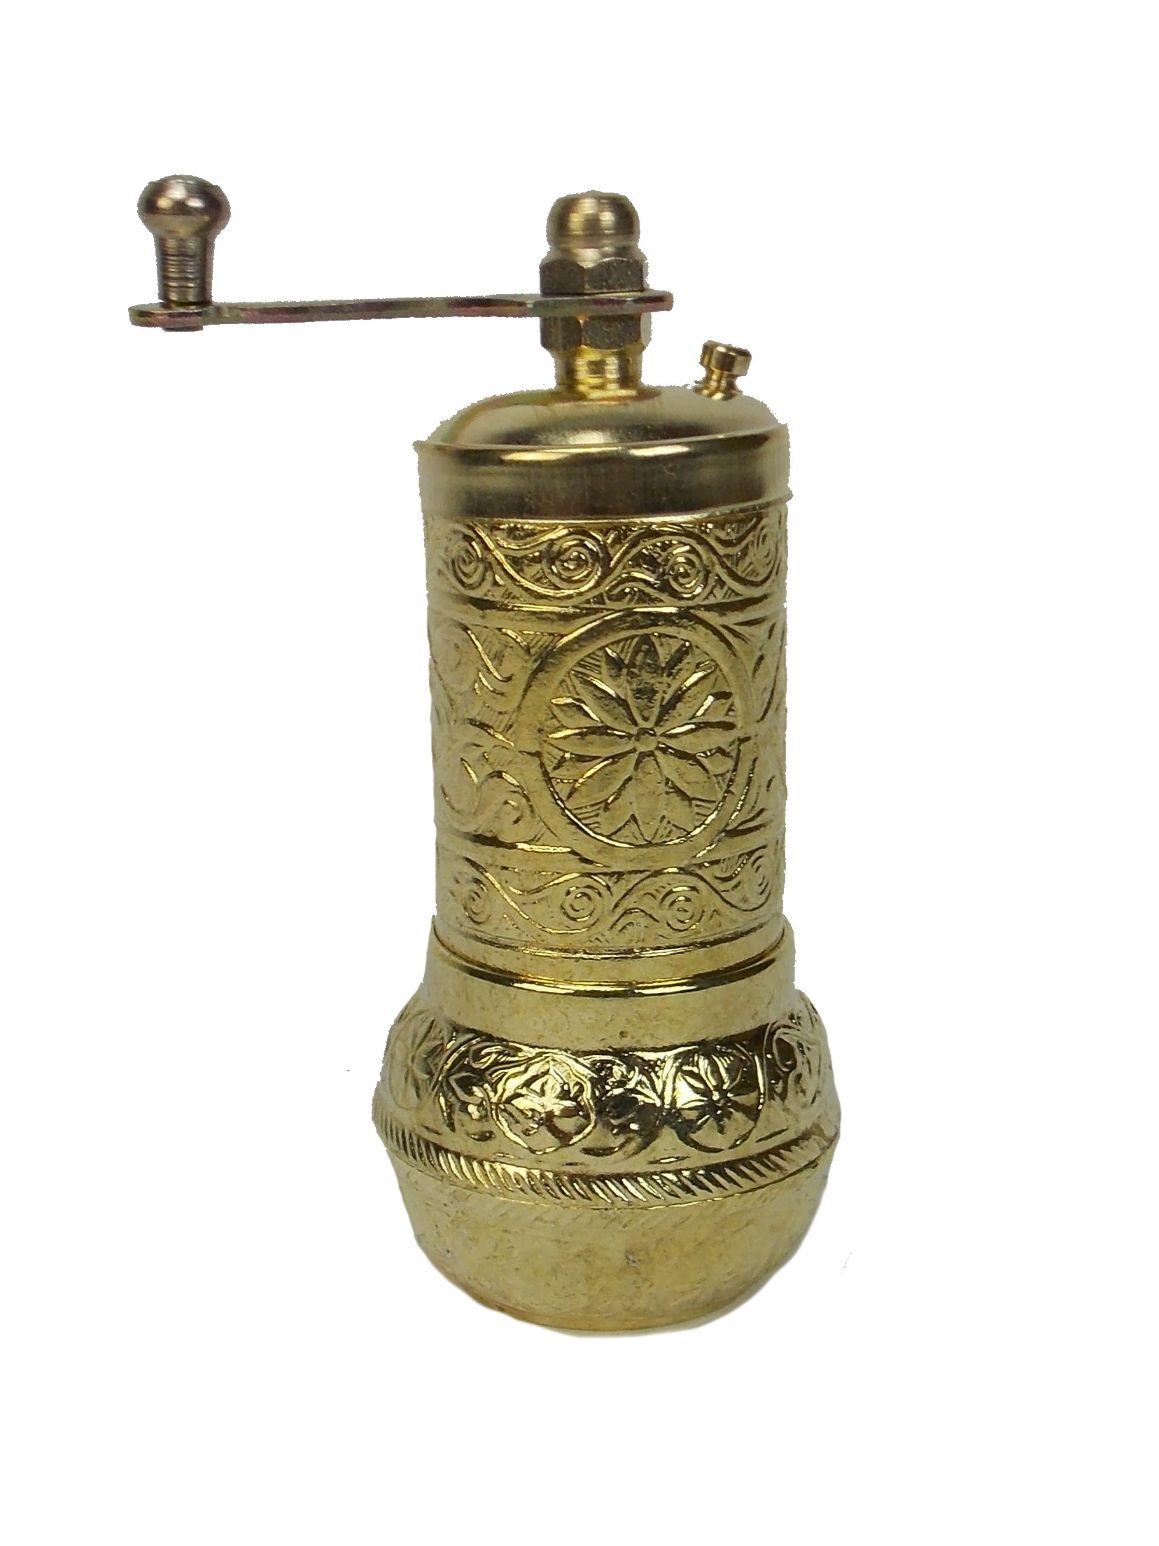 Rasnita manuala pentru piper - metal culoare galben auriu, 11 cm